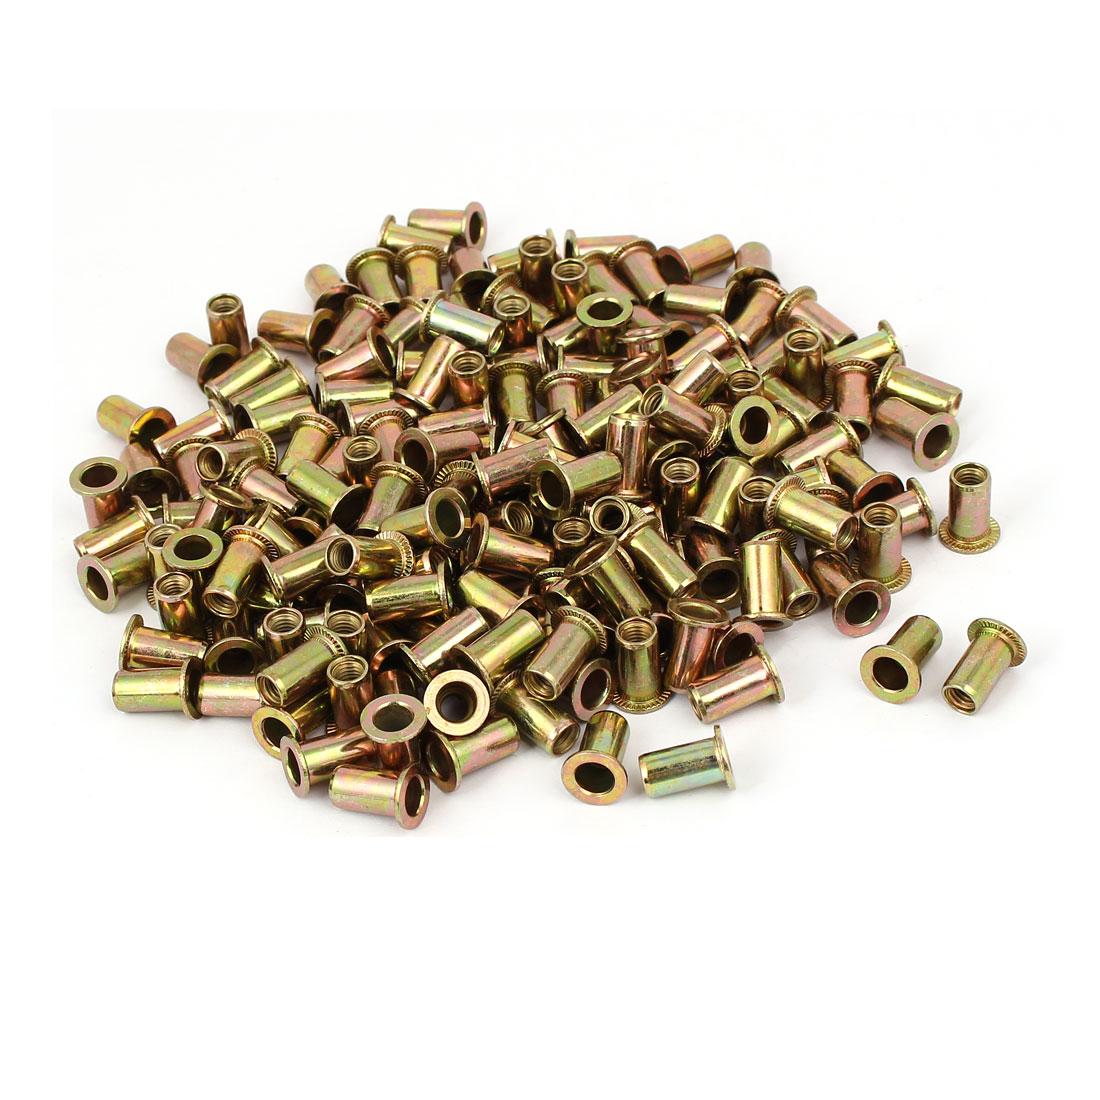 M5 x 13mm Zinc Plated Flat Head Rivet Nut Embedment Insert Nutsert 200PCS